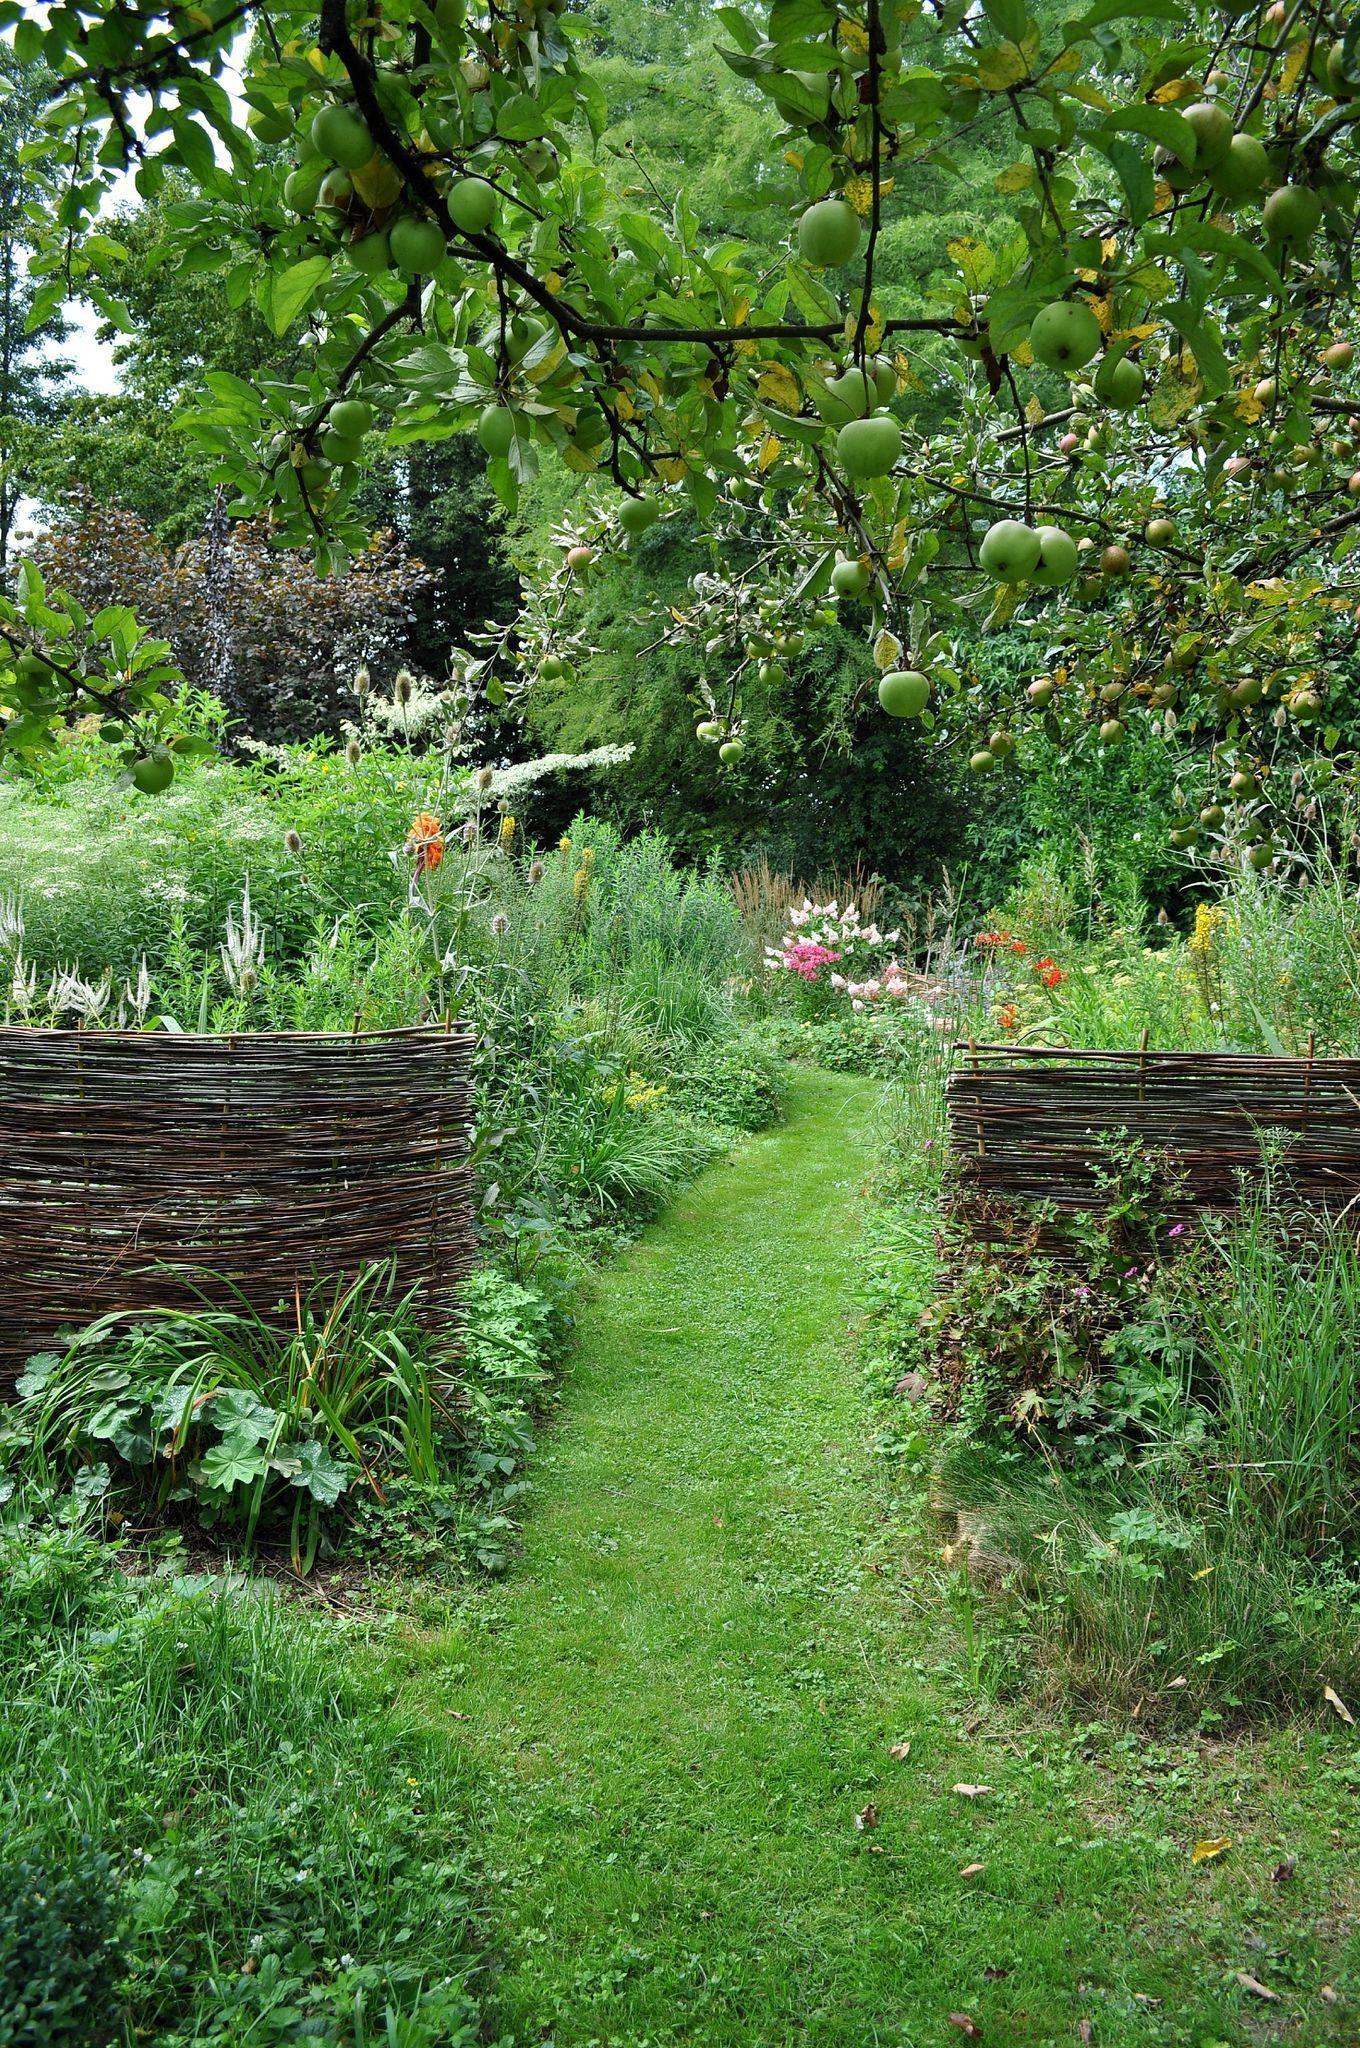 Im Garten Wachst Essbares Unkraut Haus Und Beet Beet Blog Essbares Garden Design Ideas Garten Haus Und Unkr In 2020 Englischer Garten Garten Hinterhof Garten